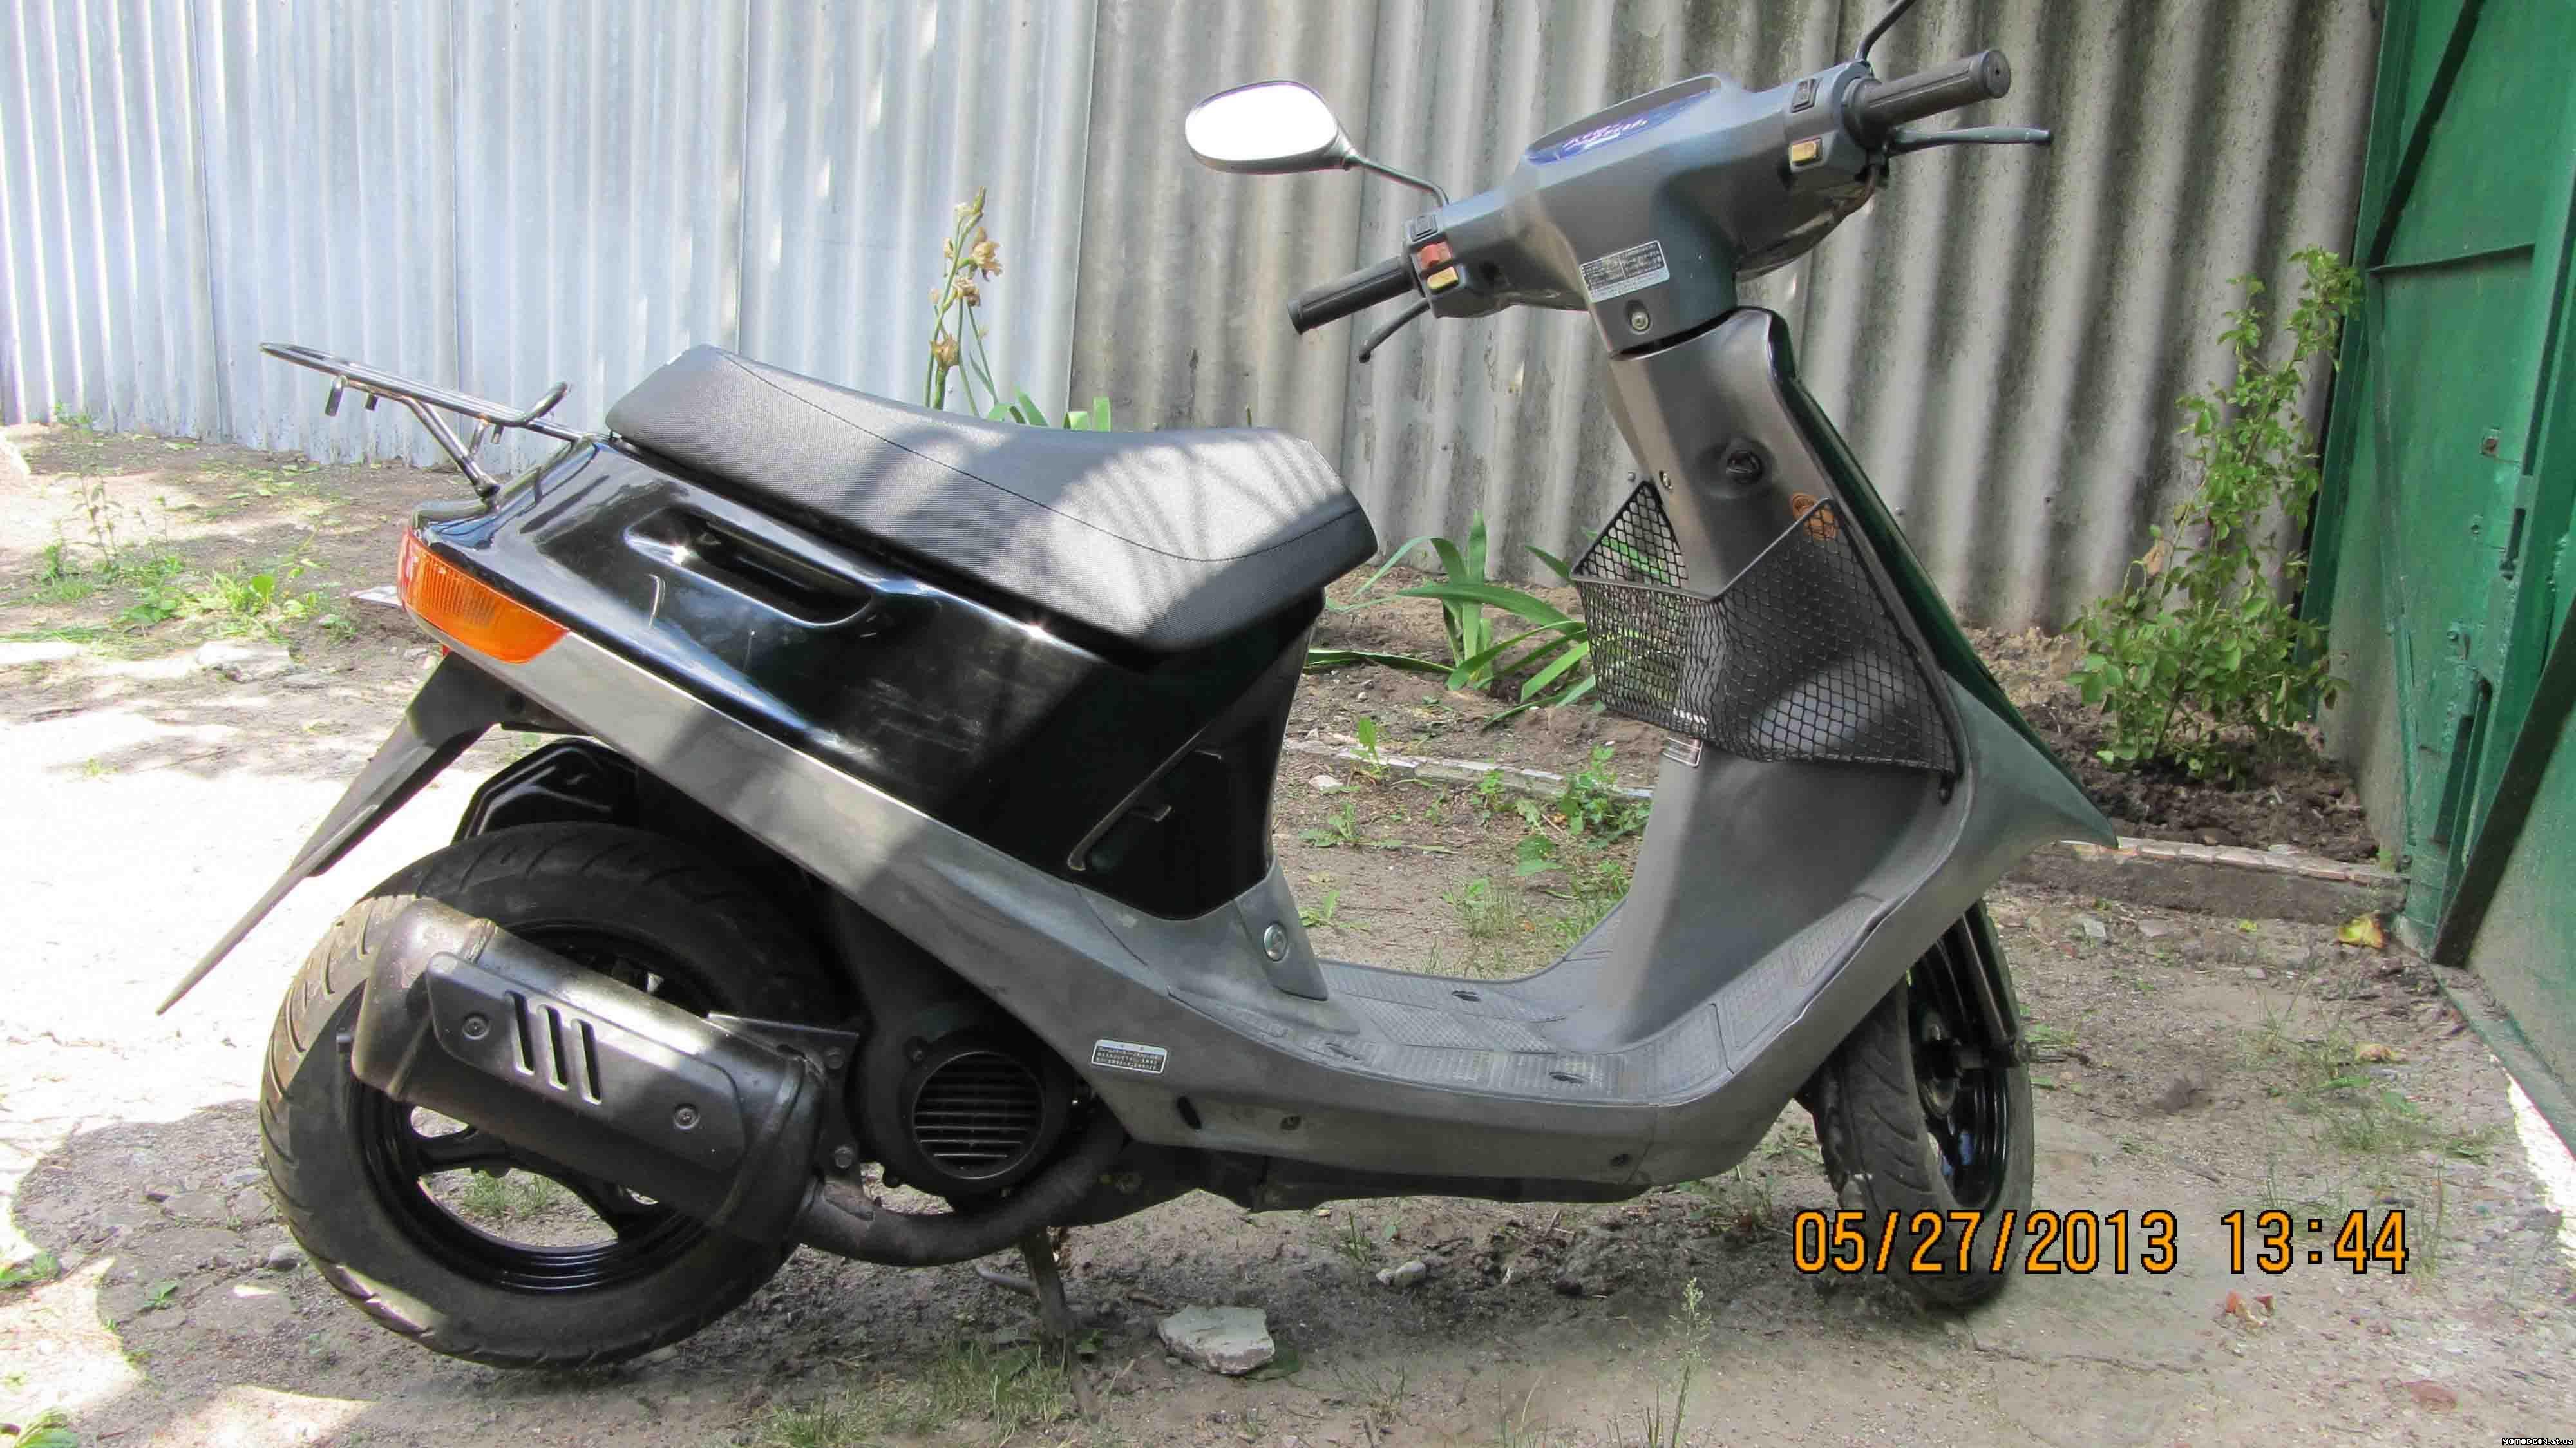 Продажа бу скутеров Honda (Хонда) недорого, цены на Dio ...